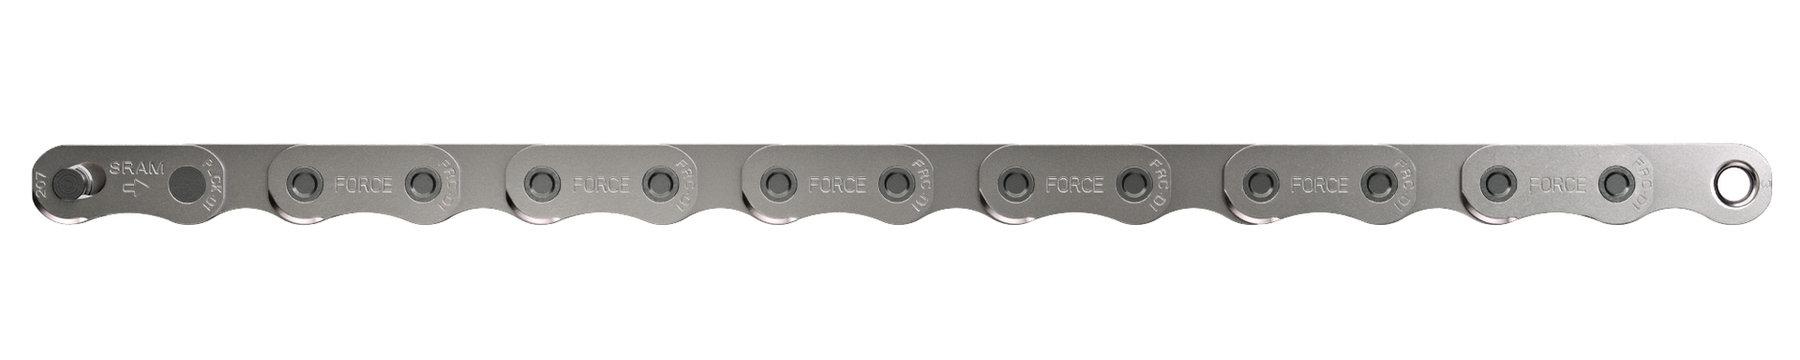 Řetěz SRAM Force D1, 114 článků se spojkou PowerLock, 12ti rychlostní